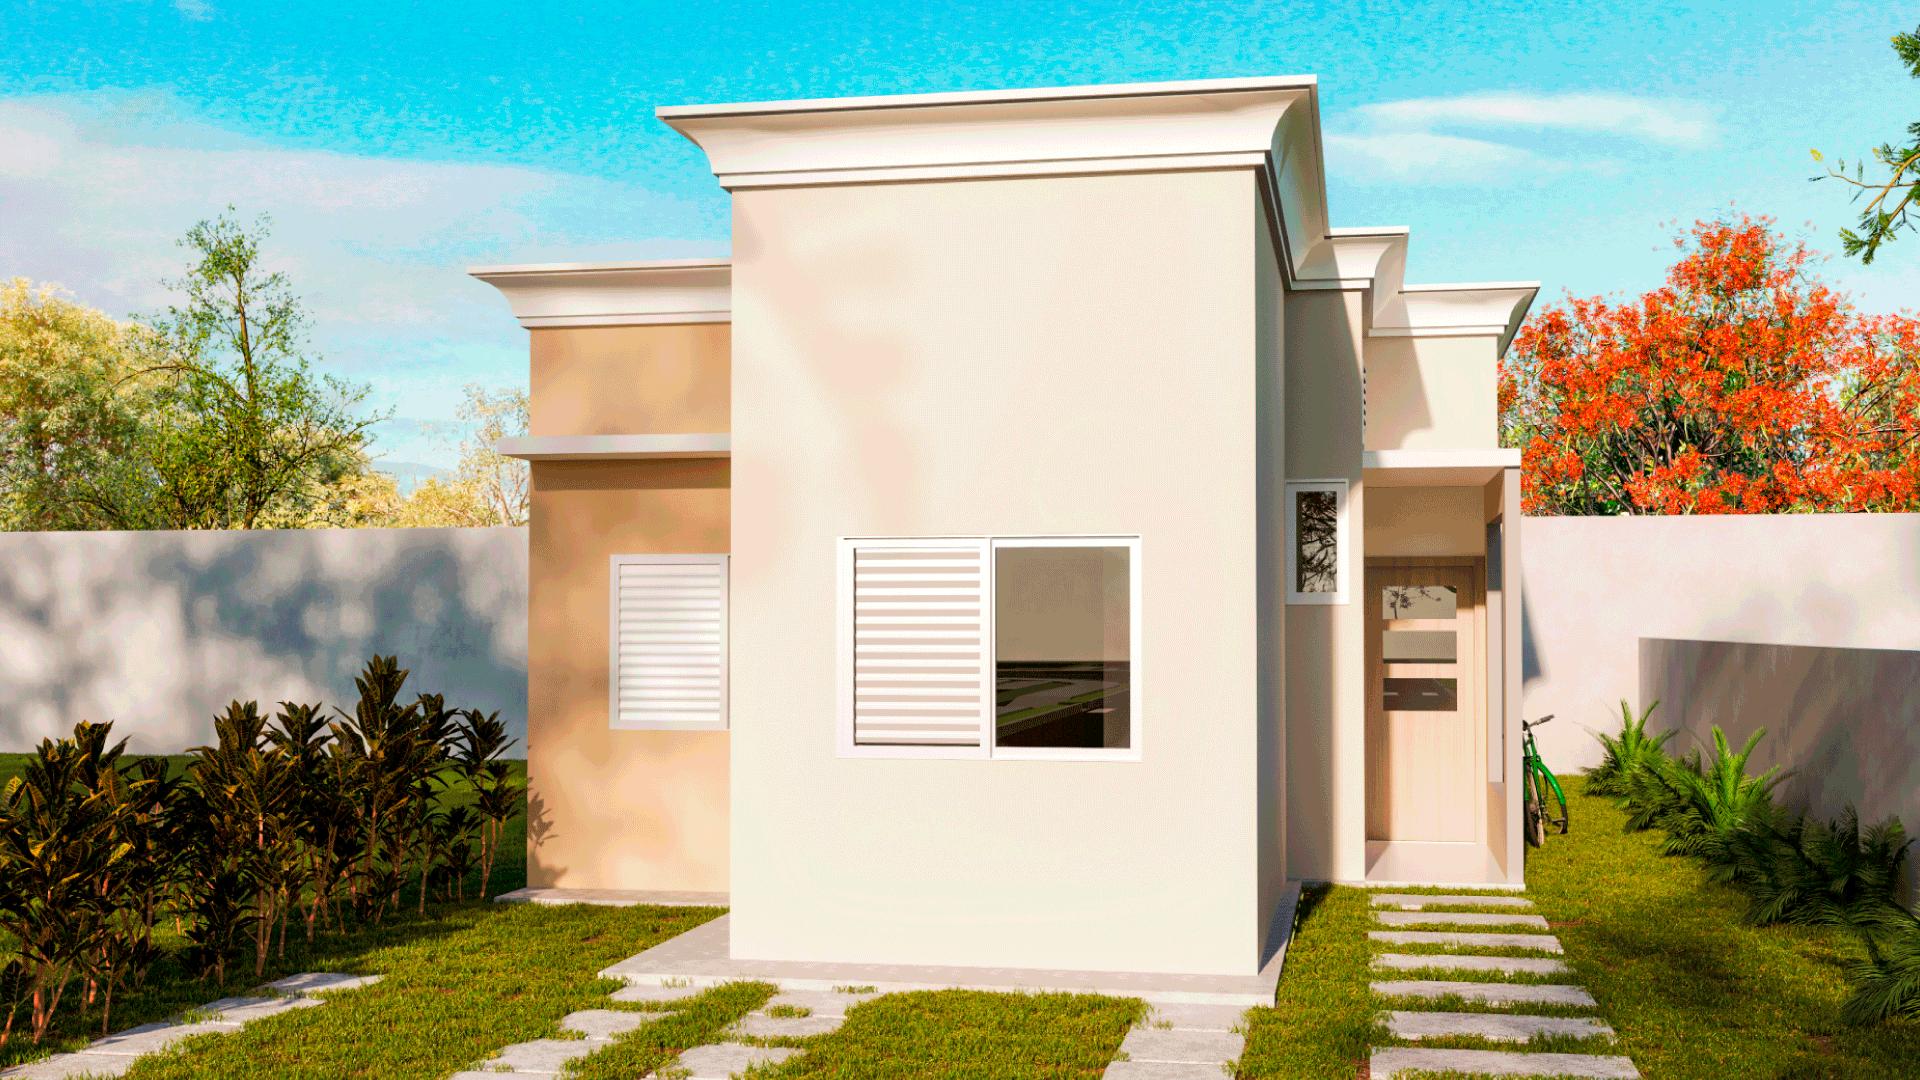 fachada das casas